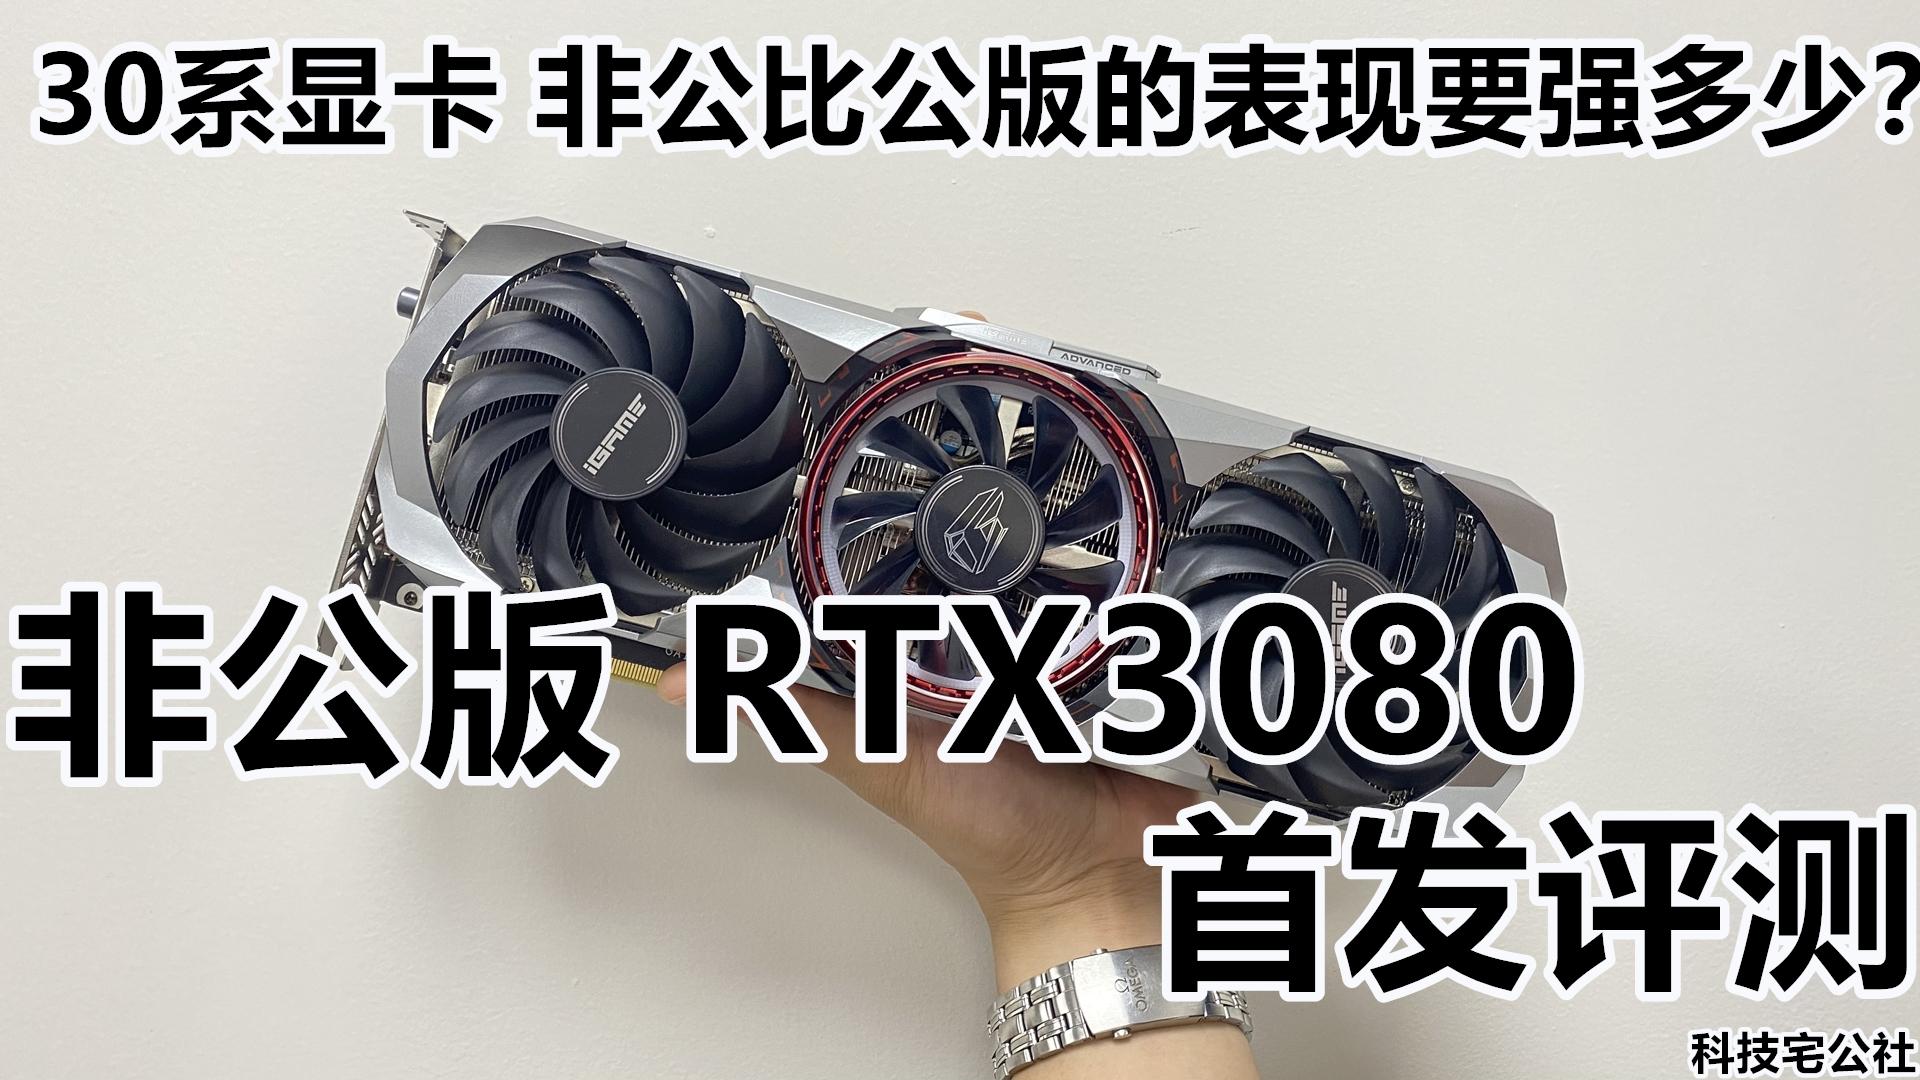 30系非公比公版表现要强多少?非公版RTX3080首发测试【科技宅公社】